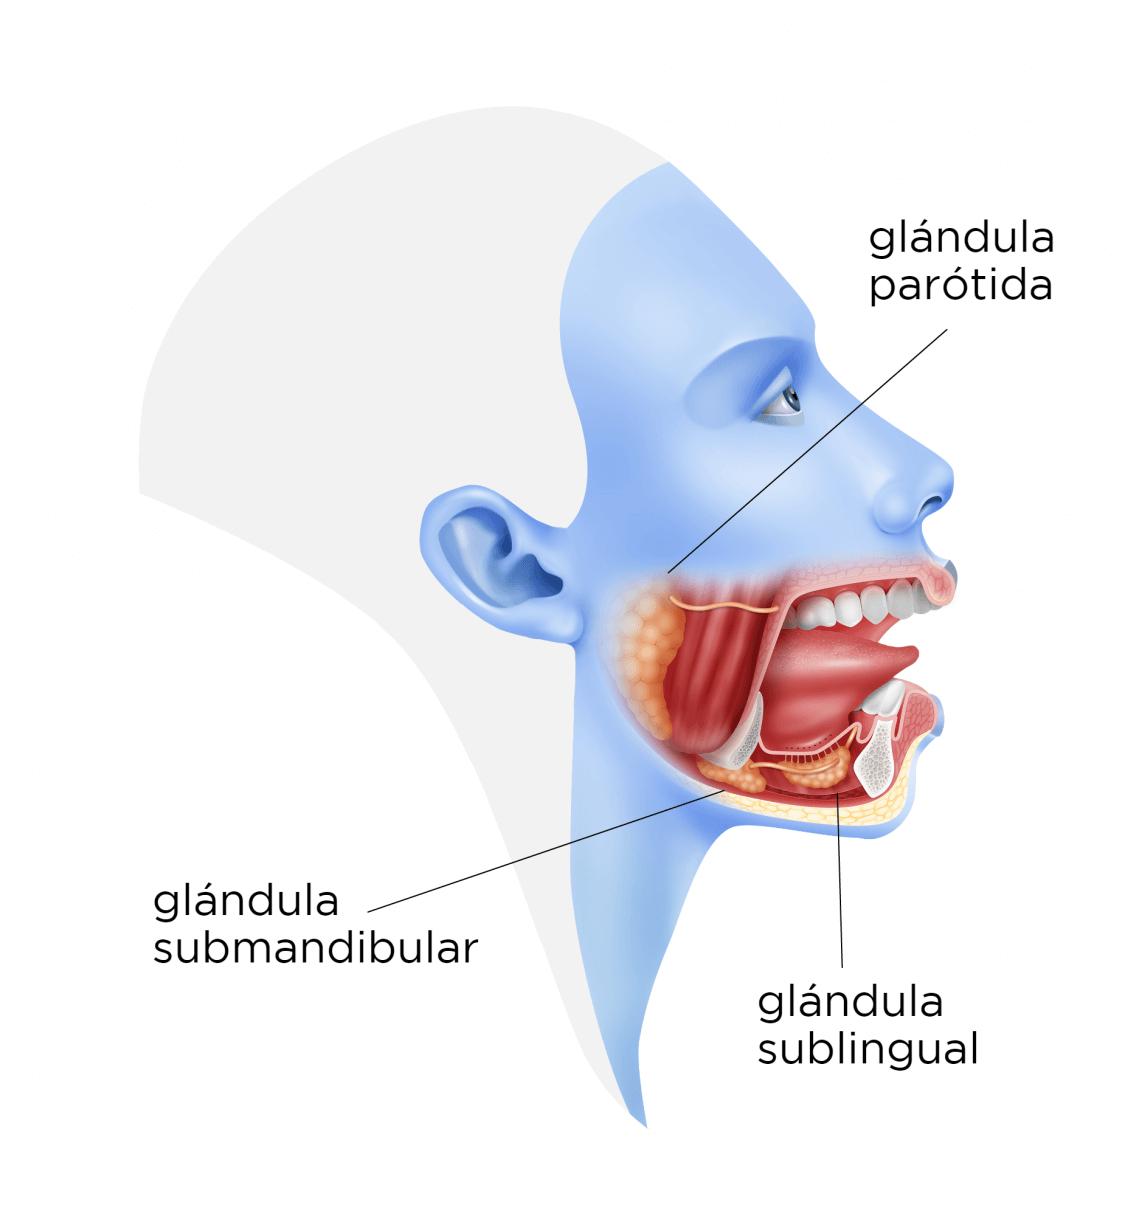 glandulas salivales mayores funcion